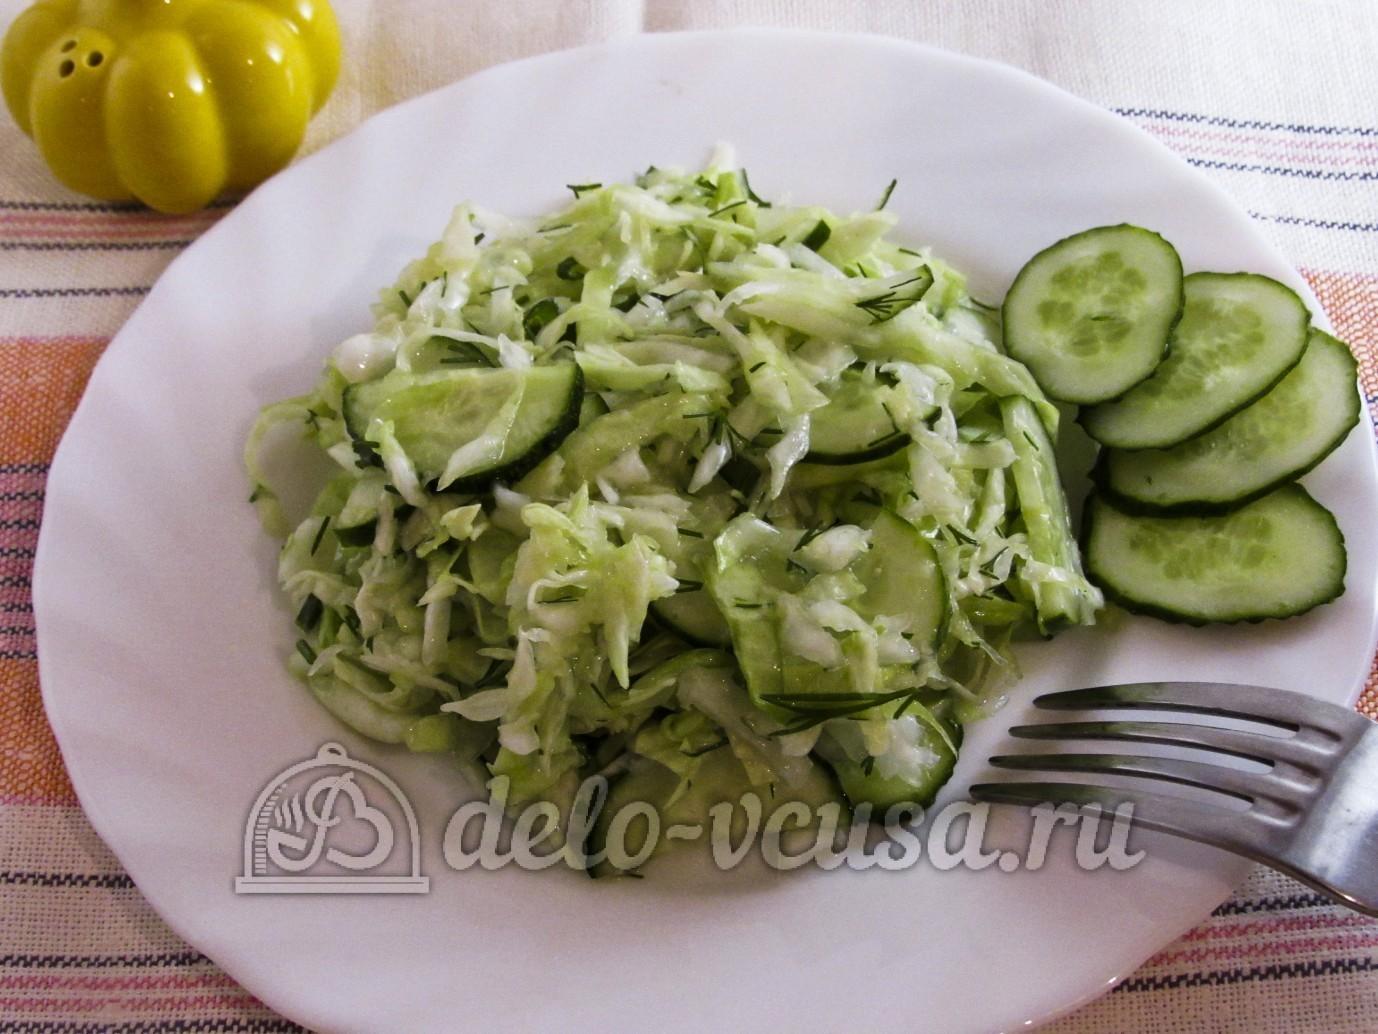 Салат из капусты и огурцов с уксусом